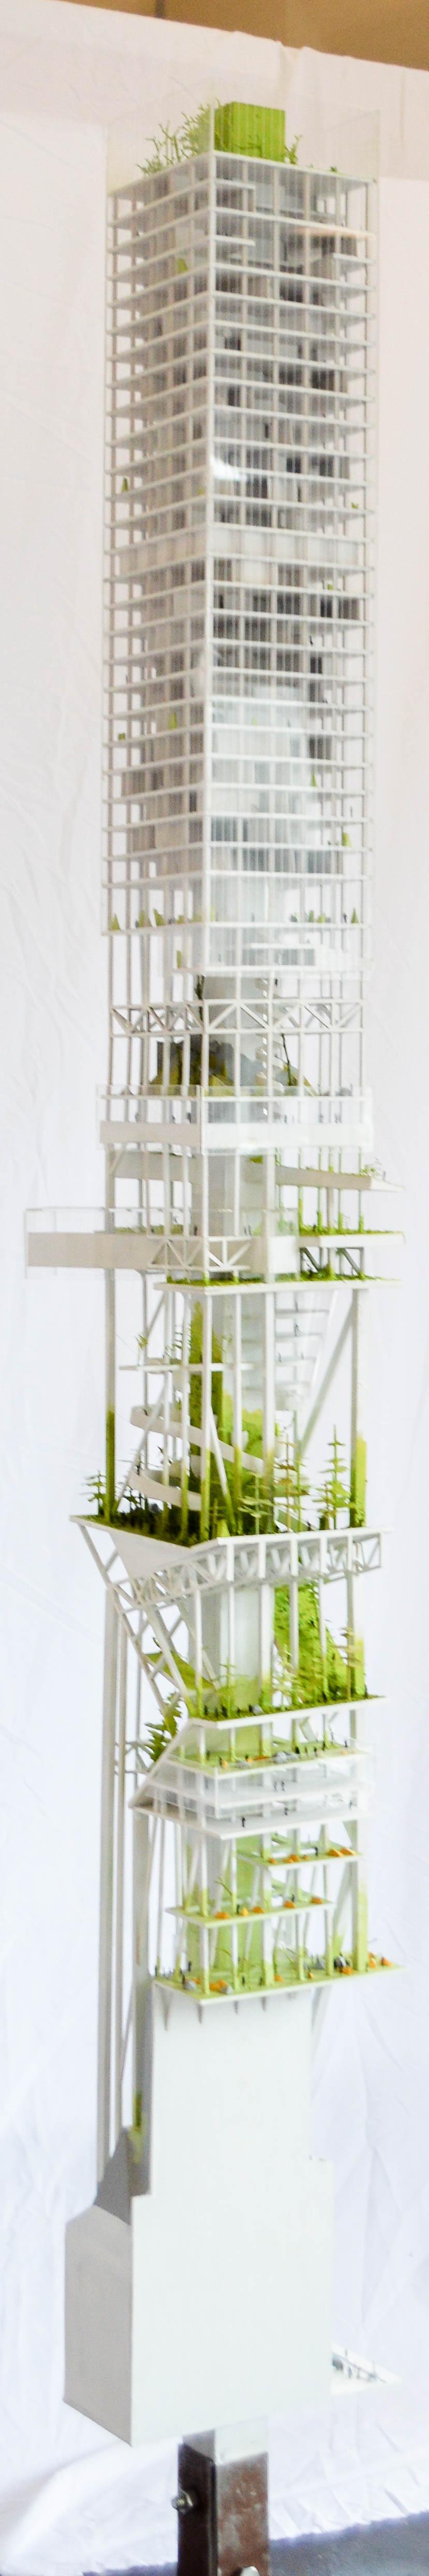 verticaltower-15.jpg